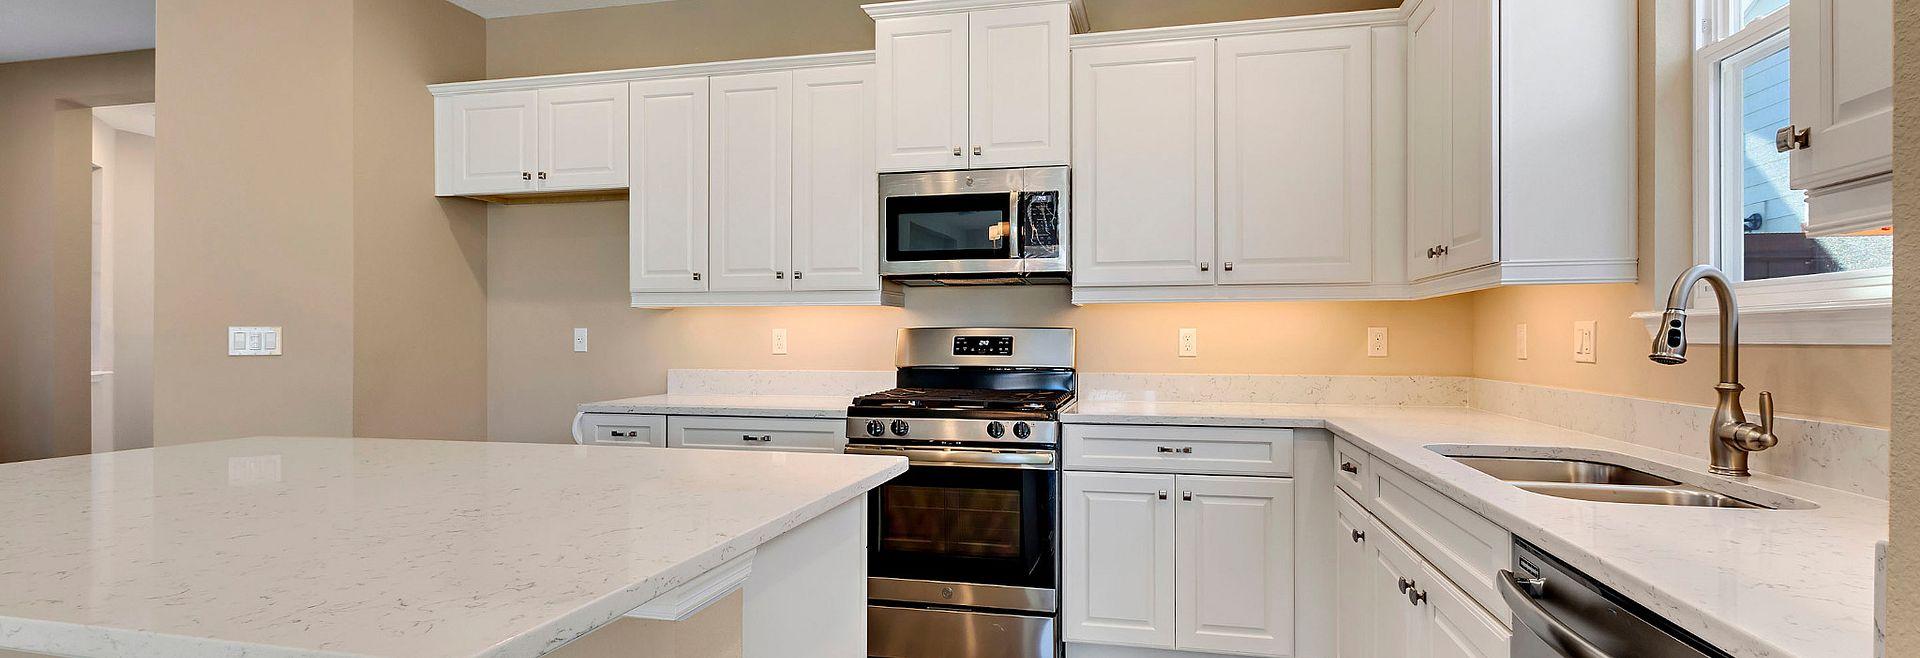 Trilogy Orlando Capri Plan Quick Move In Kitchen